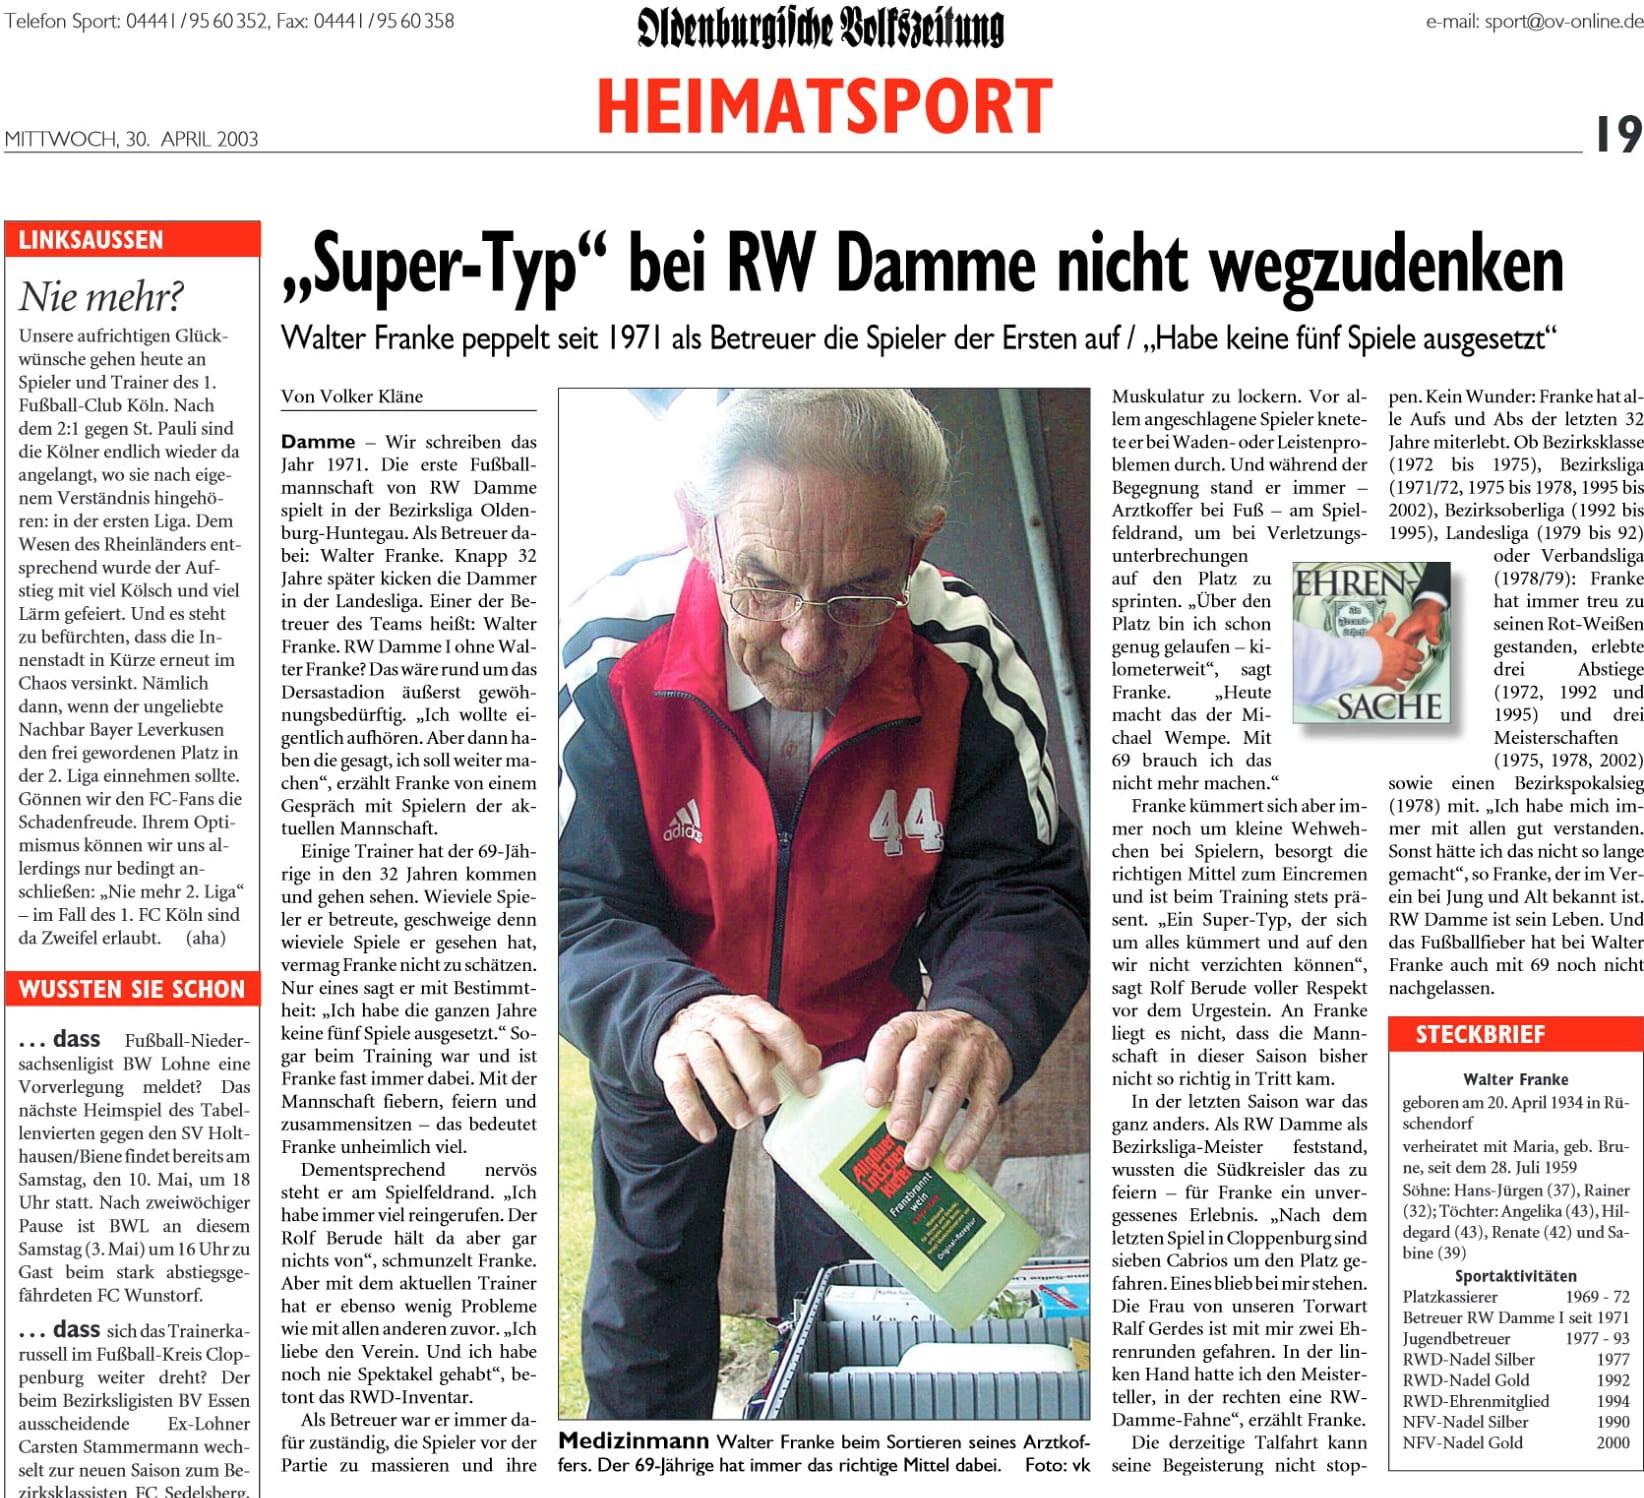 RW Damme trauert um den Verlust von Walter Franke